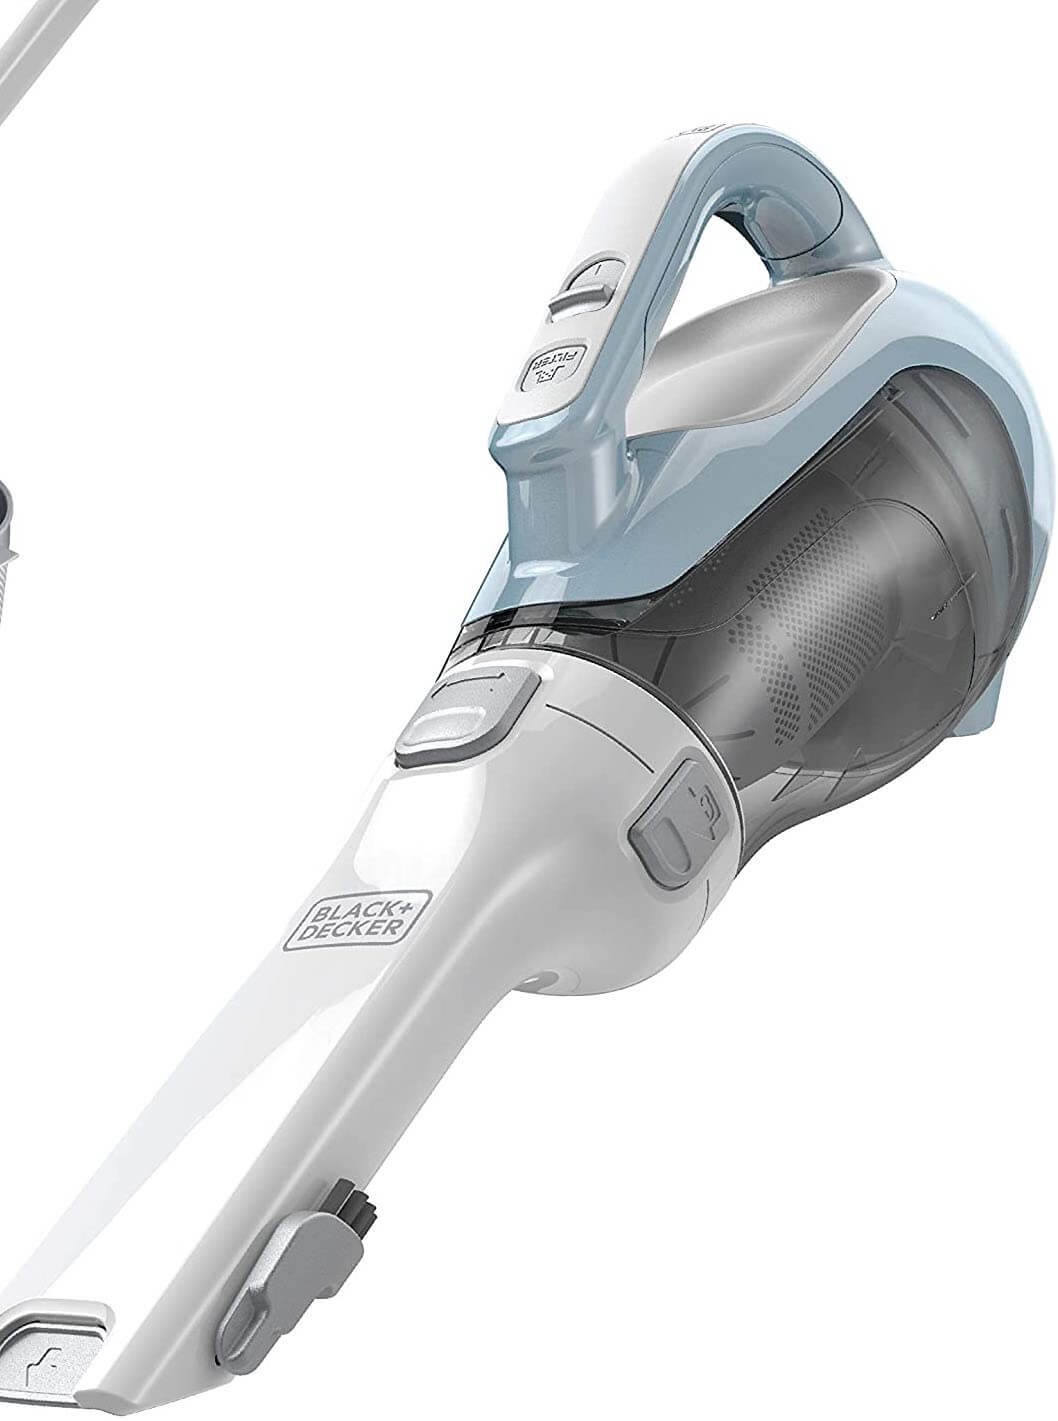 Top 7 Best Handheld Vacuums [year] Reviews - {Buyer's Guide} 1